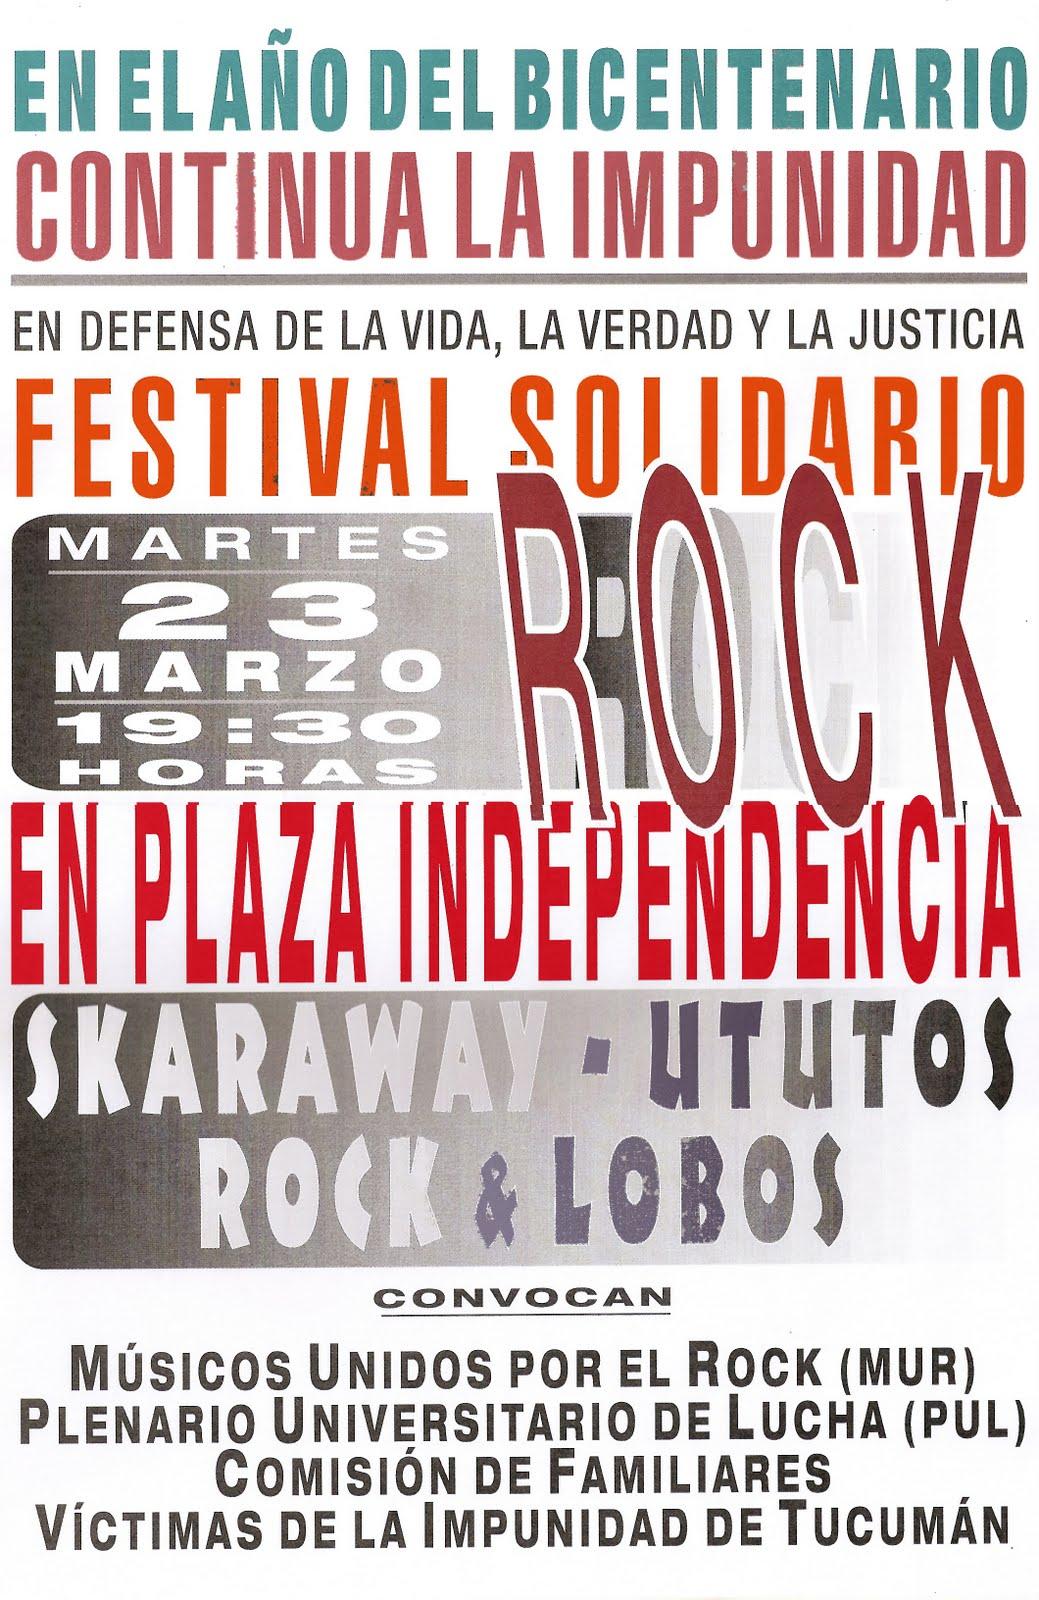 [23+Marzo+2010+-+Festival+copia.jpg]